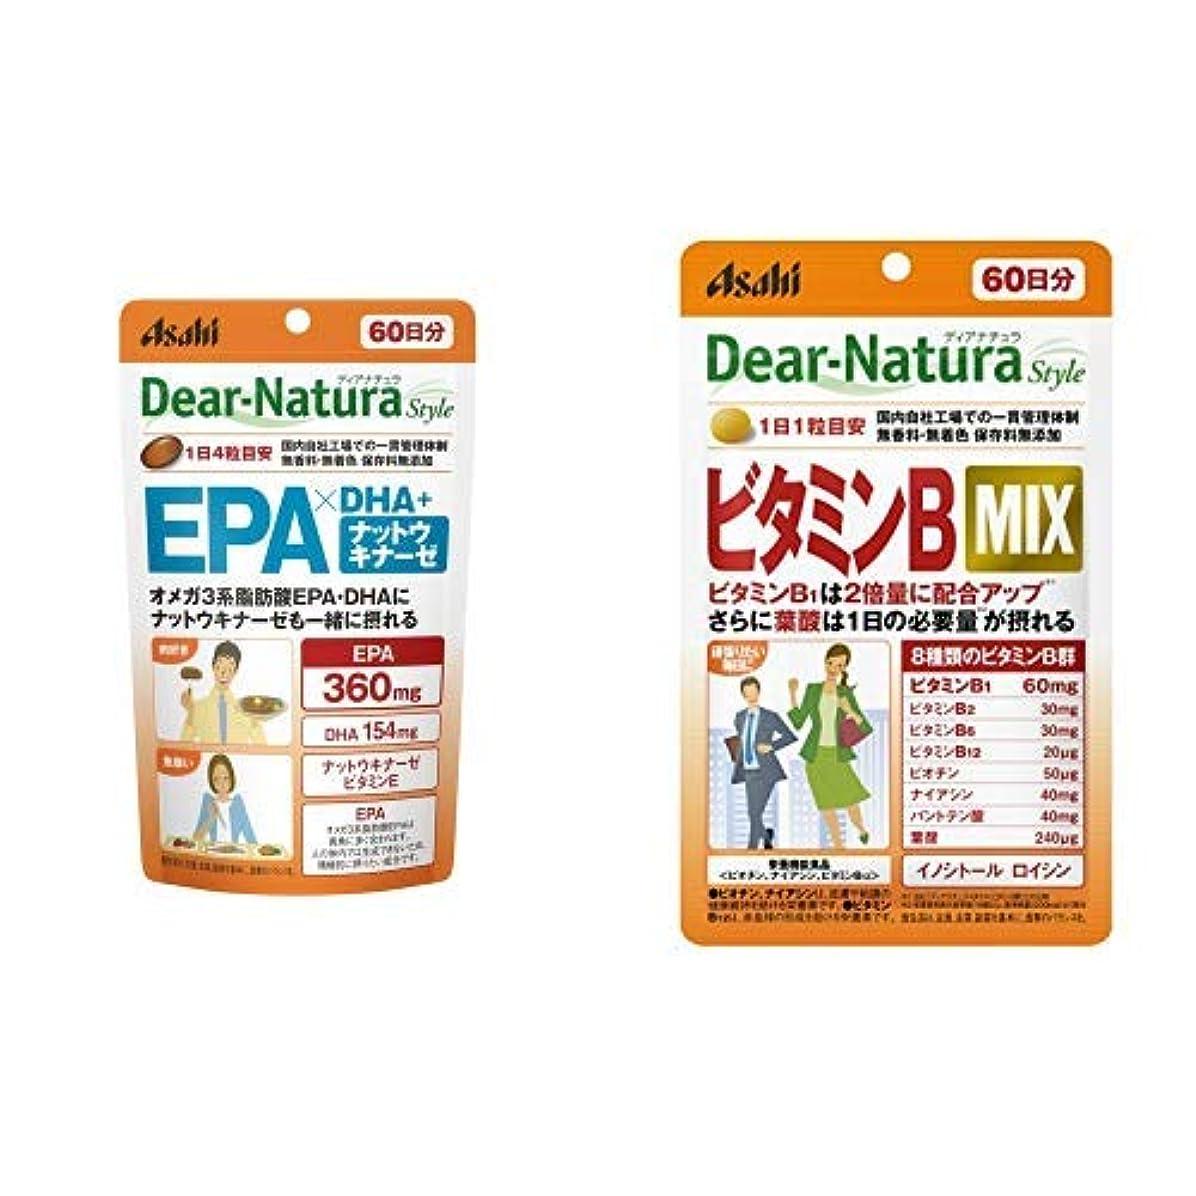 マニュアル引き潮占める【セット買い】ディアナチュラスタイル EPA×DHA+ナットウキナーゼ 60日分 & ビタミンB MIX 60日分